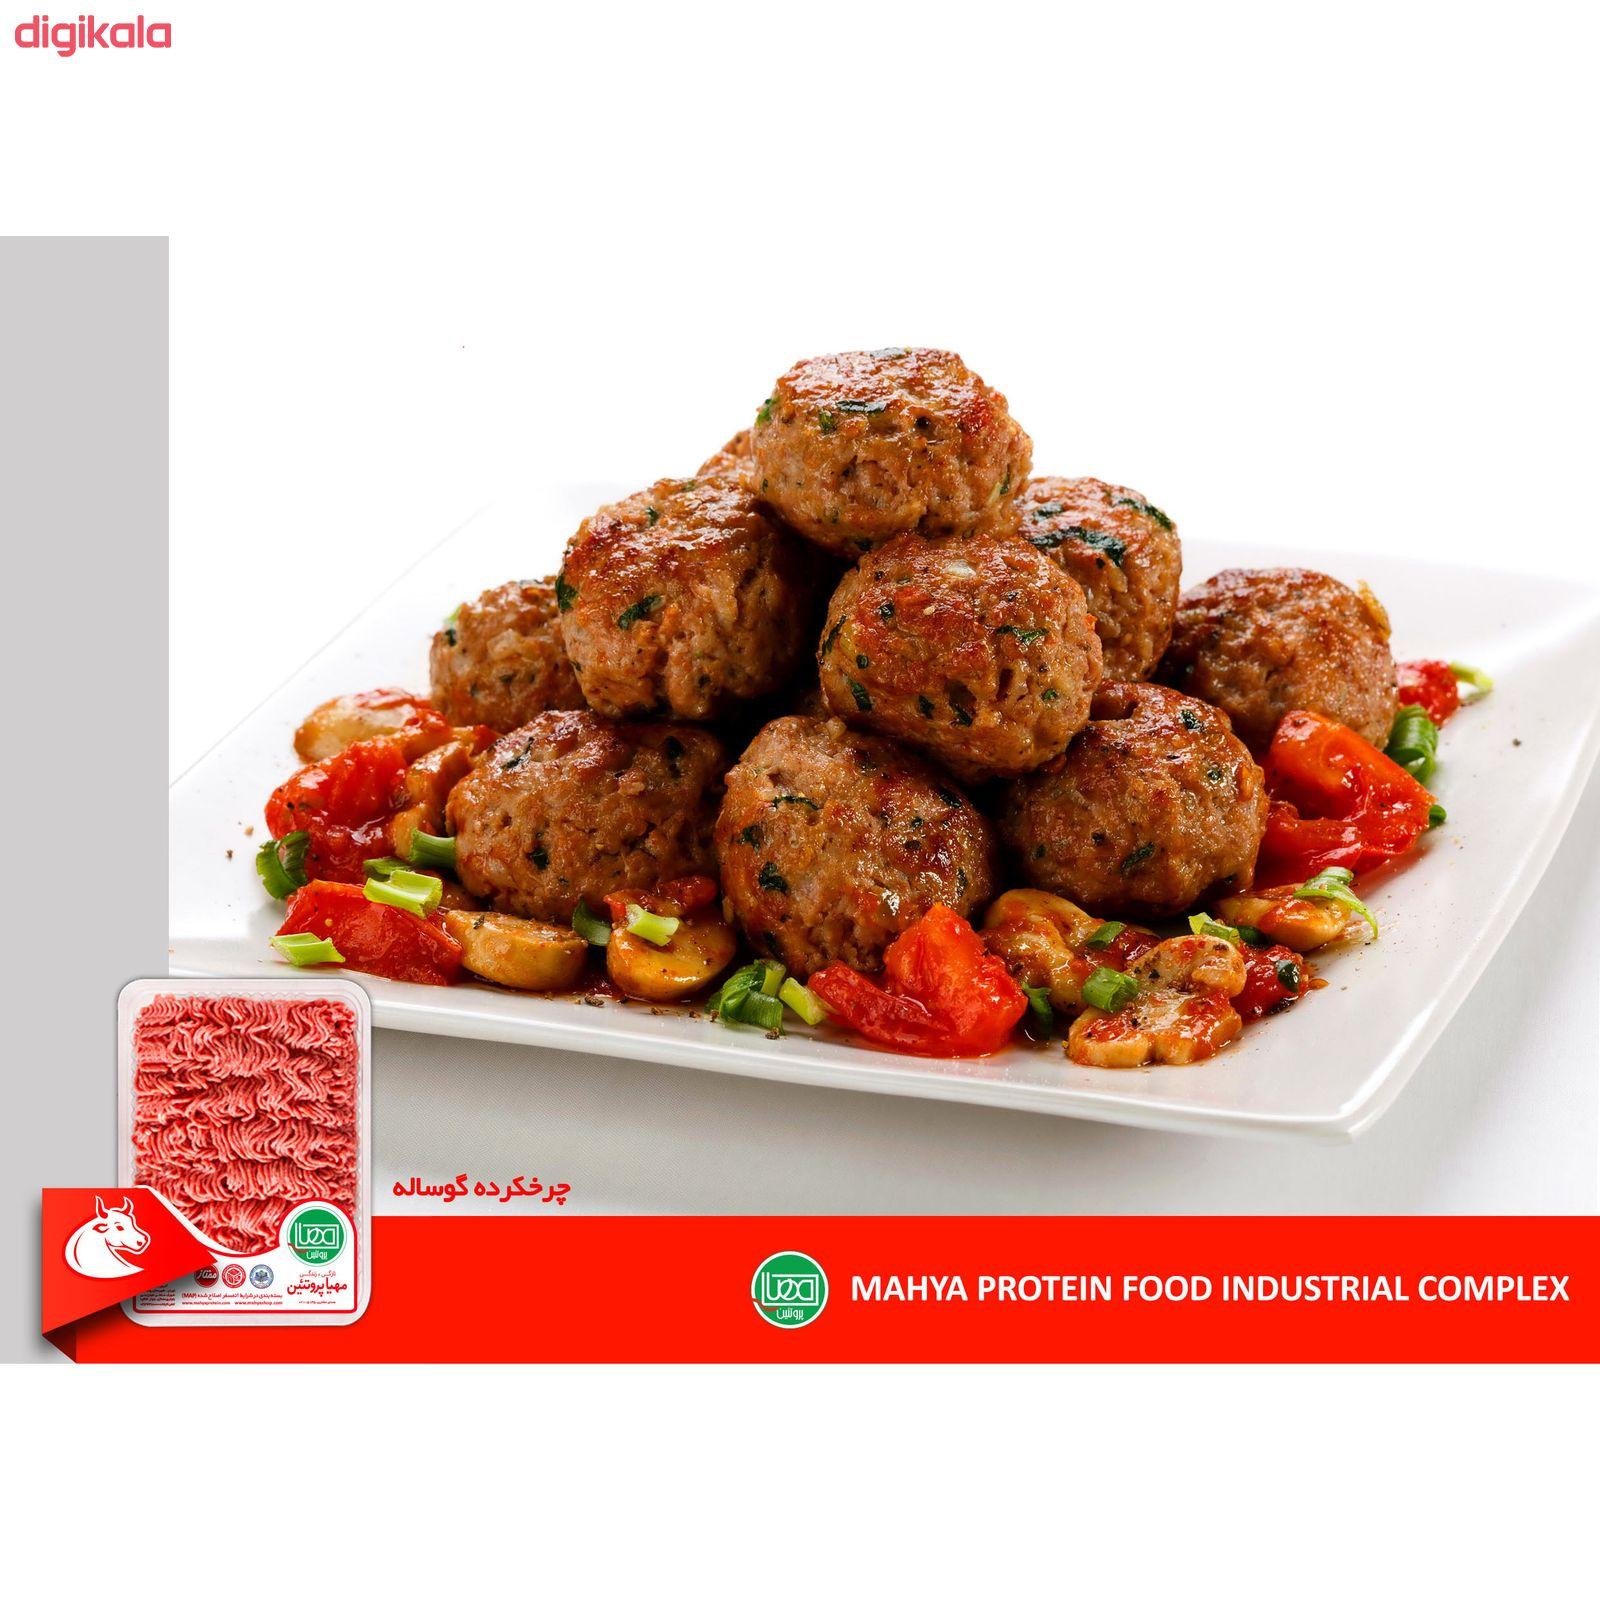 گوشت چرخ کرده گوساله ممتاز مهیا پروتئین - 1 کیلوگرم main 1 6